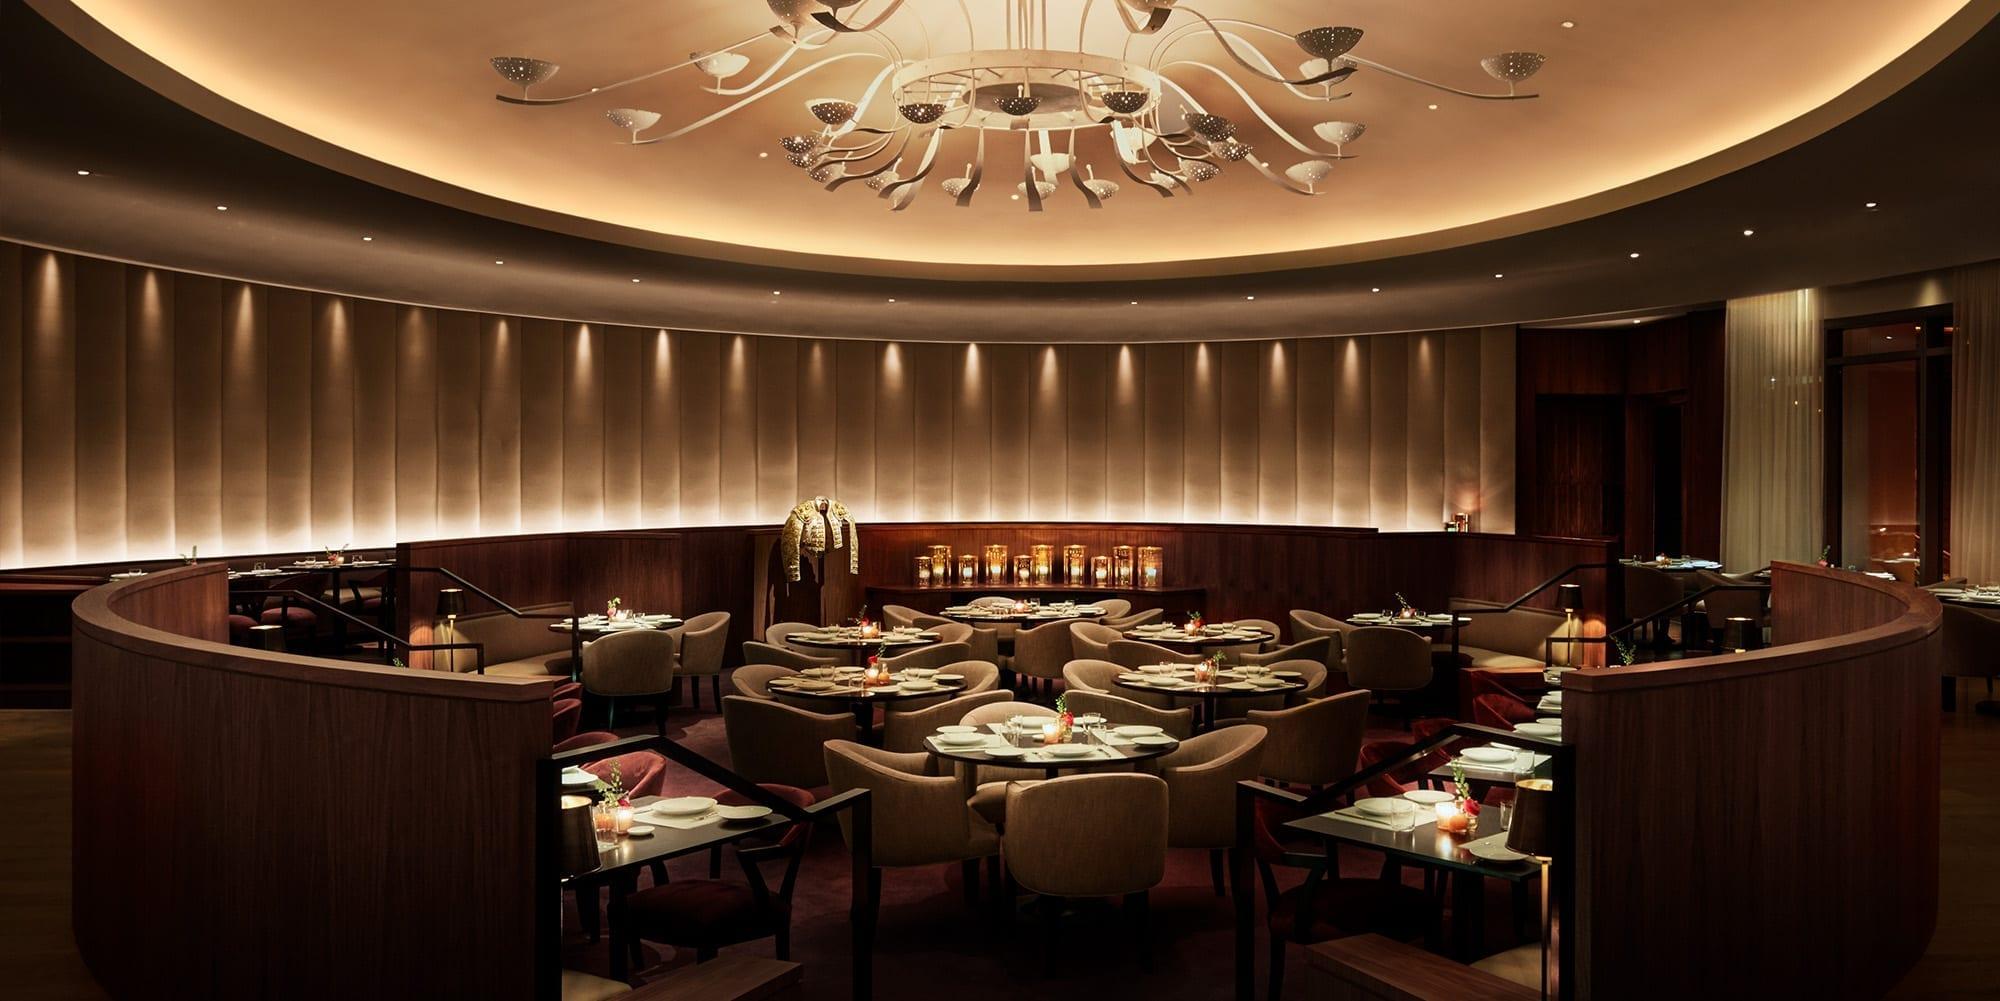 Matador Room Ocean View Spanish Amp Latin Restaurant Miami